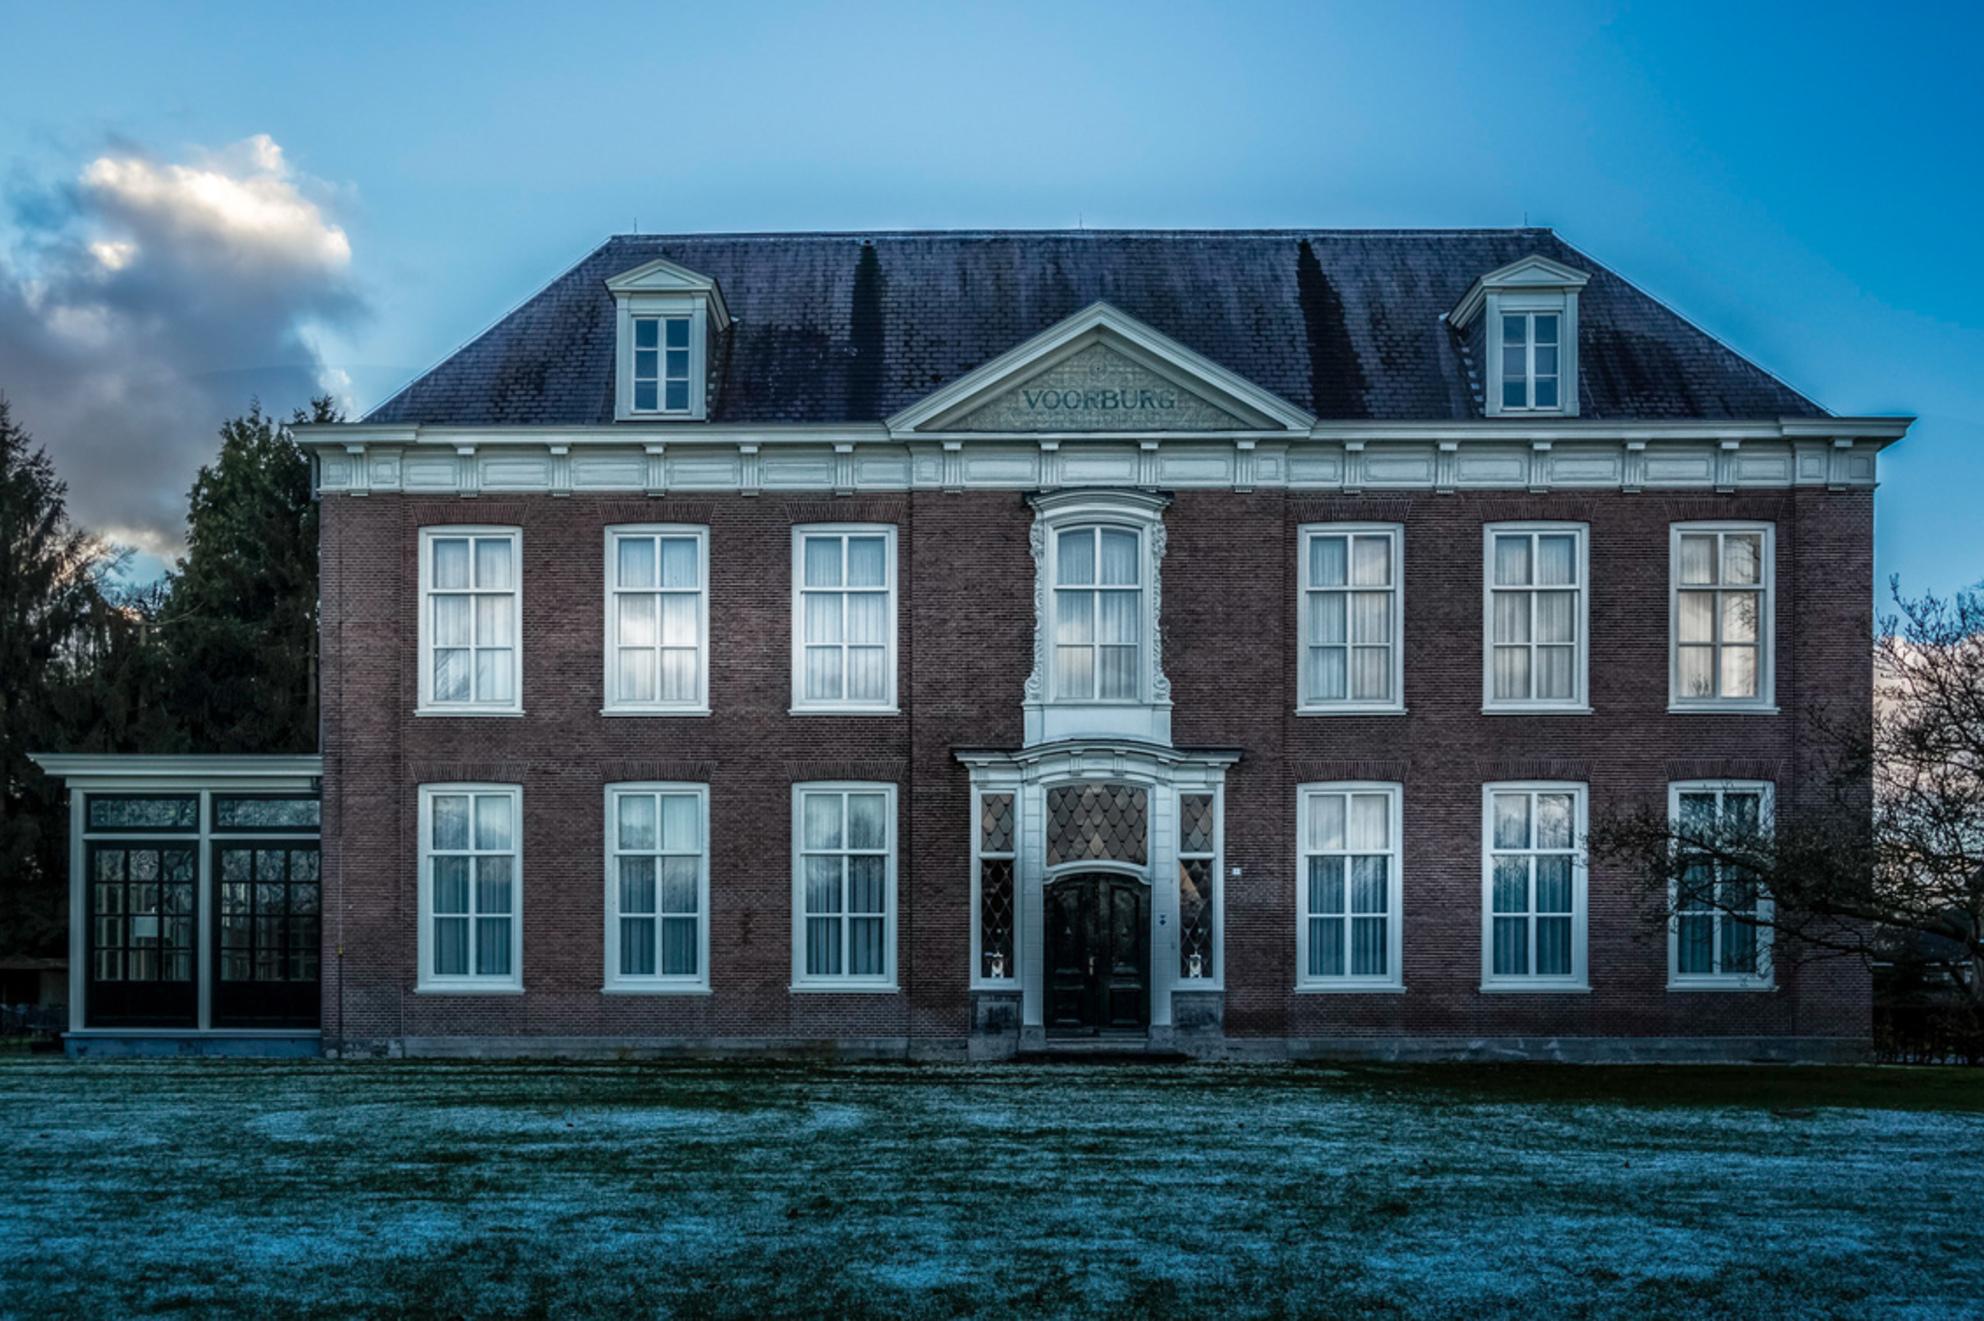 Voorburg - Rijksmonument in Vught, Noord-Brabant - foto door RobMenting op 27-02-2021 - deze foto bevat: architectuur, gebouw, huis - Deze foto mag gebruikt worden in een Zoom.nl publicatie